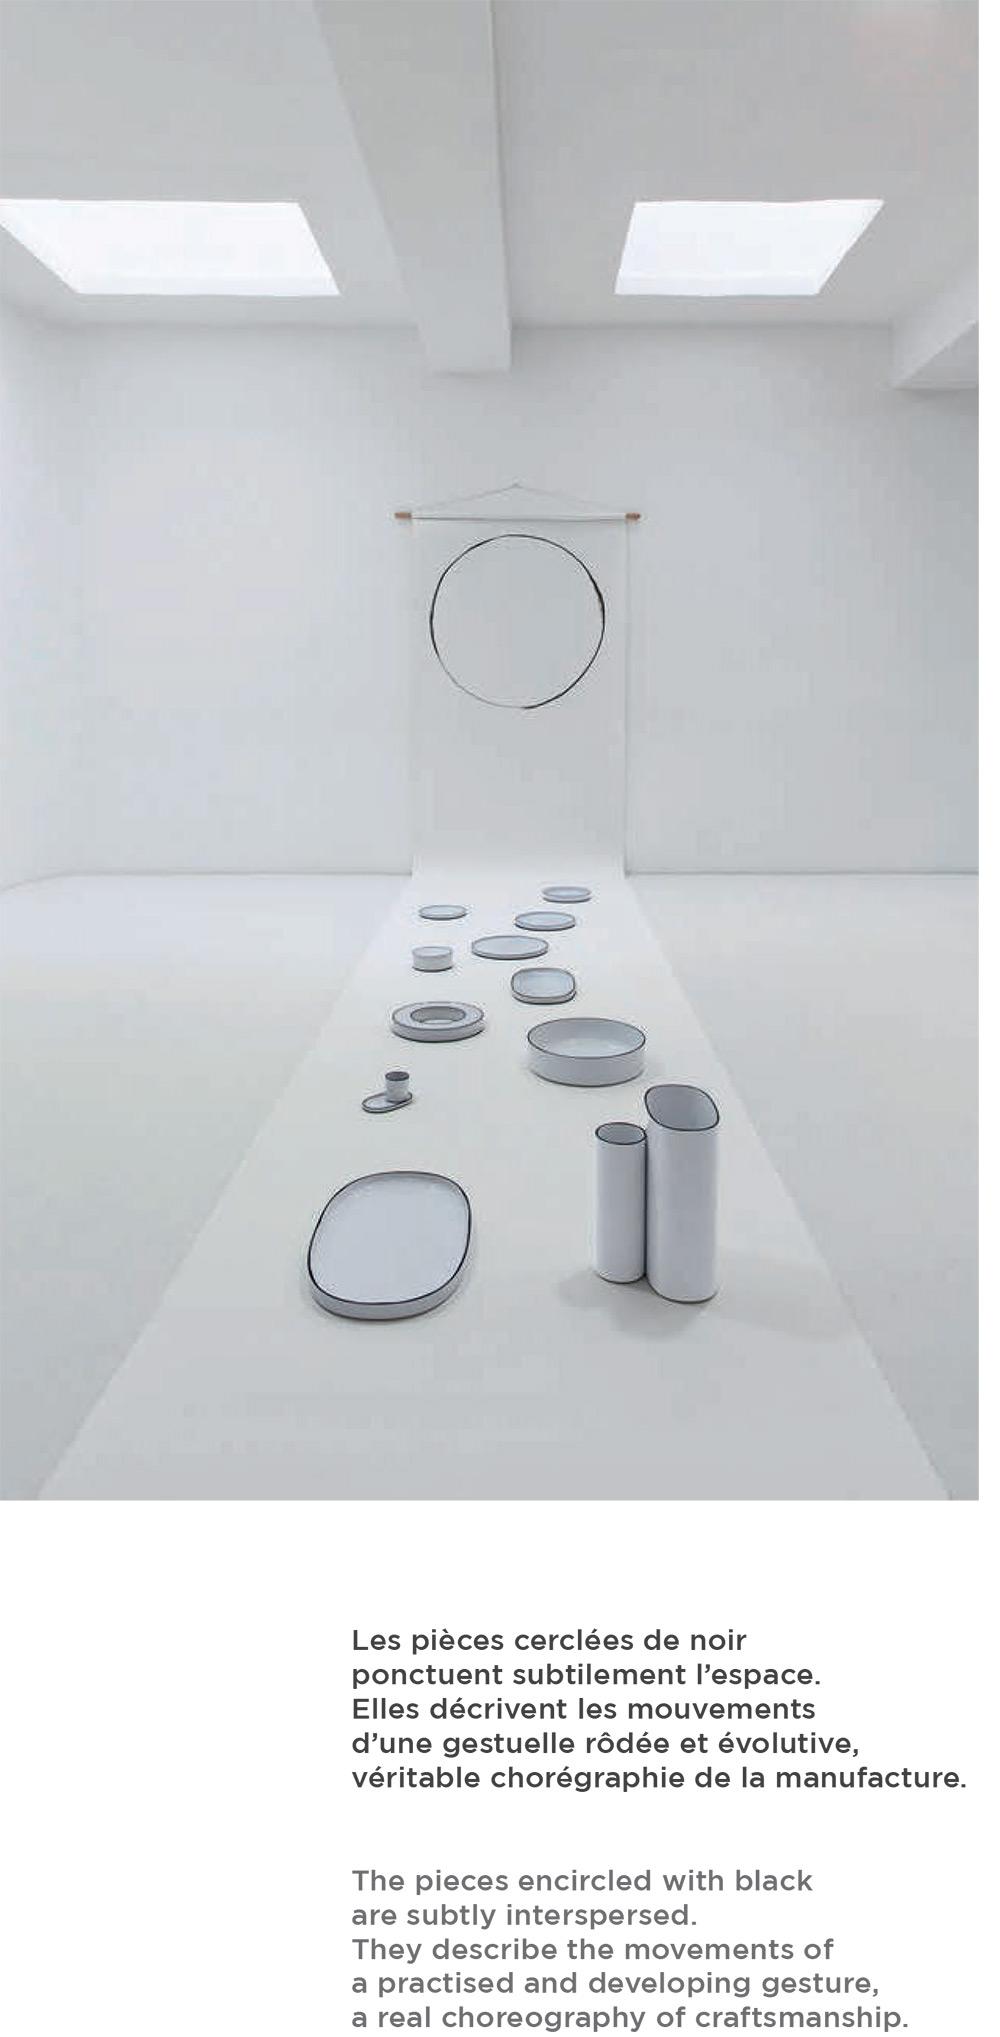 法國 Revol CARACTÈRE炭色系列陶瓷杯盤-白